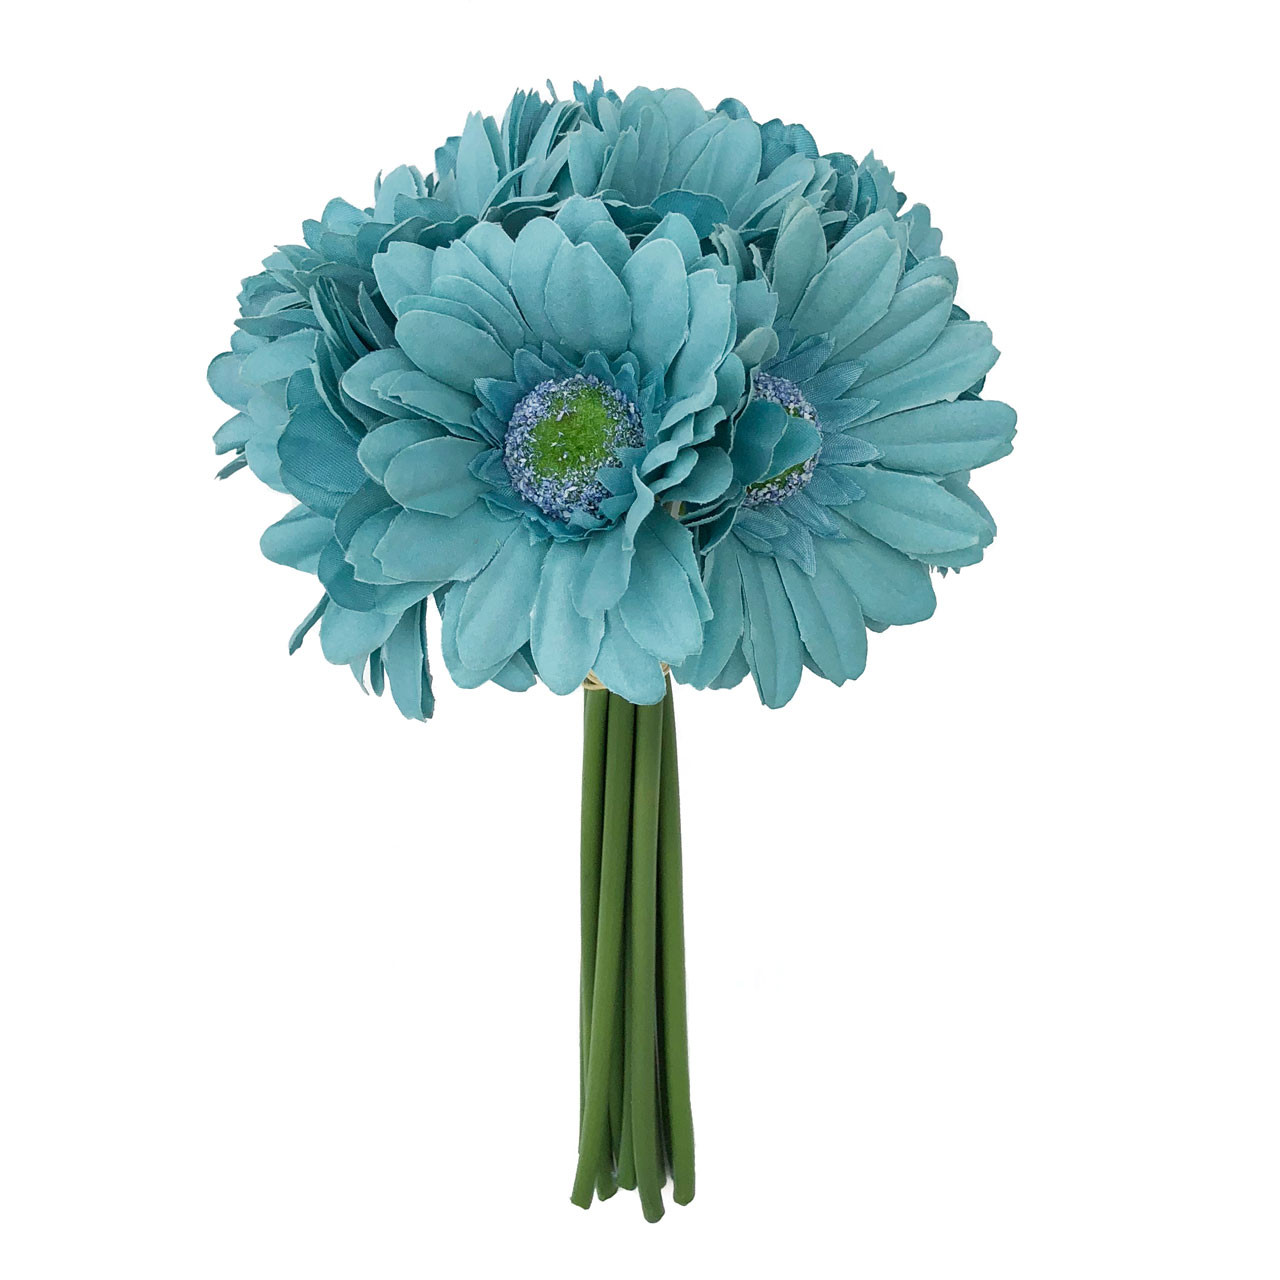 cc90910b875 Aqua Blue Daisy Bridal Bouquet | Artificial Wedding Flowers | Silk ...